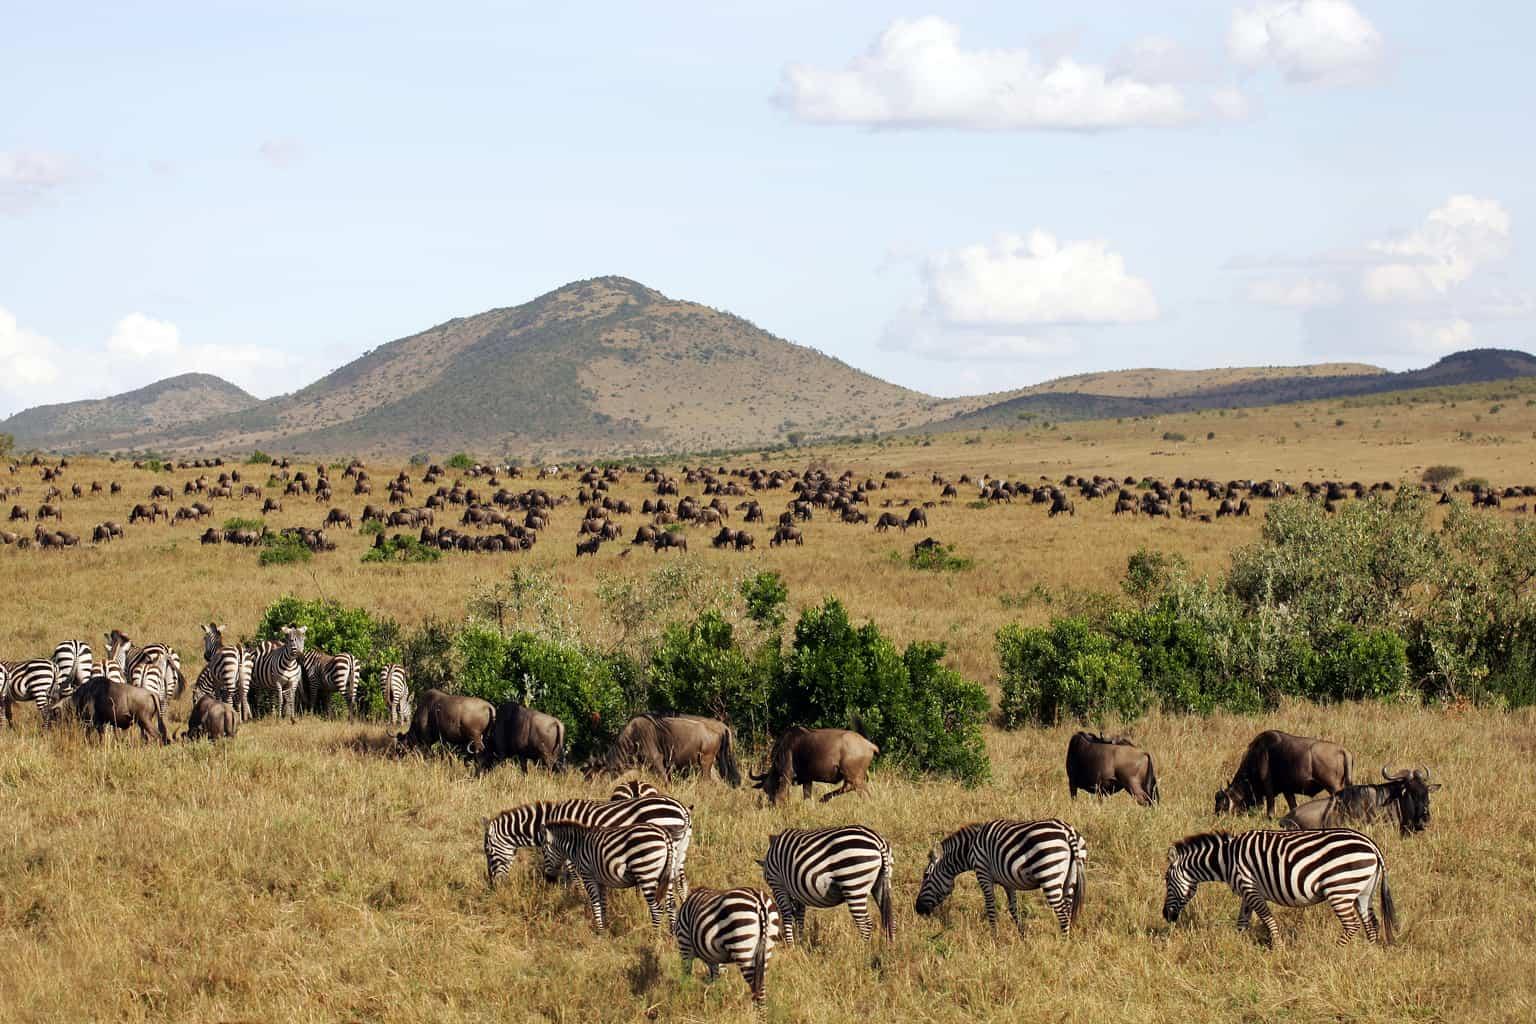 O-Masai-Mara-é-palco-da-Grande-Migração-fenômeno-que-reúne-dezenas-de-espécies-percorrendo-o-parque-em-busca-de-água-e-alimento.